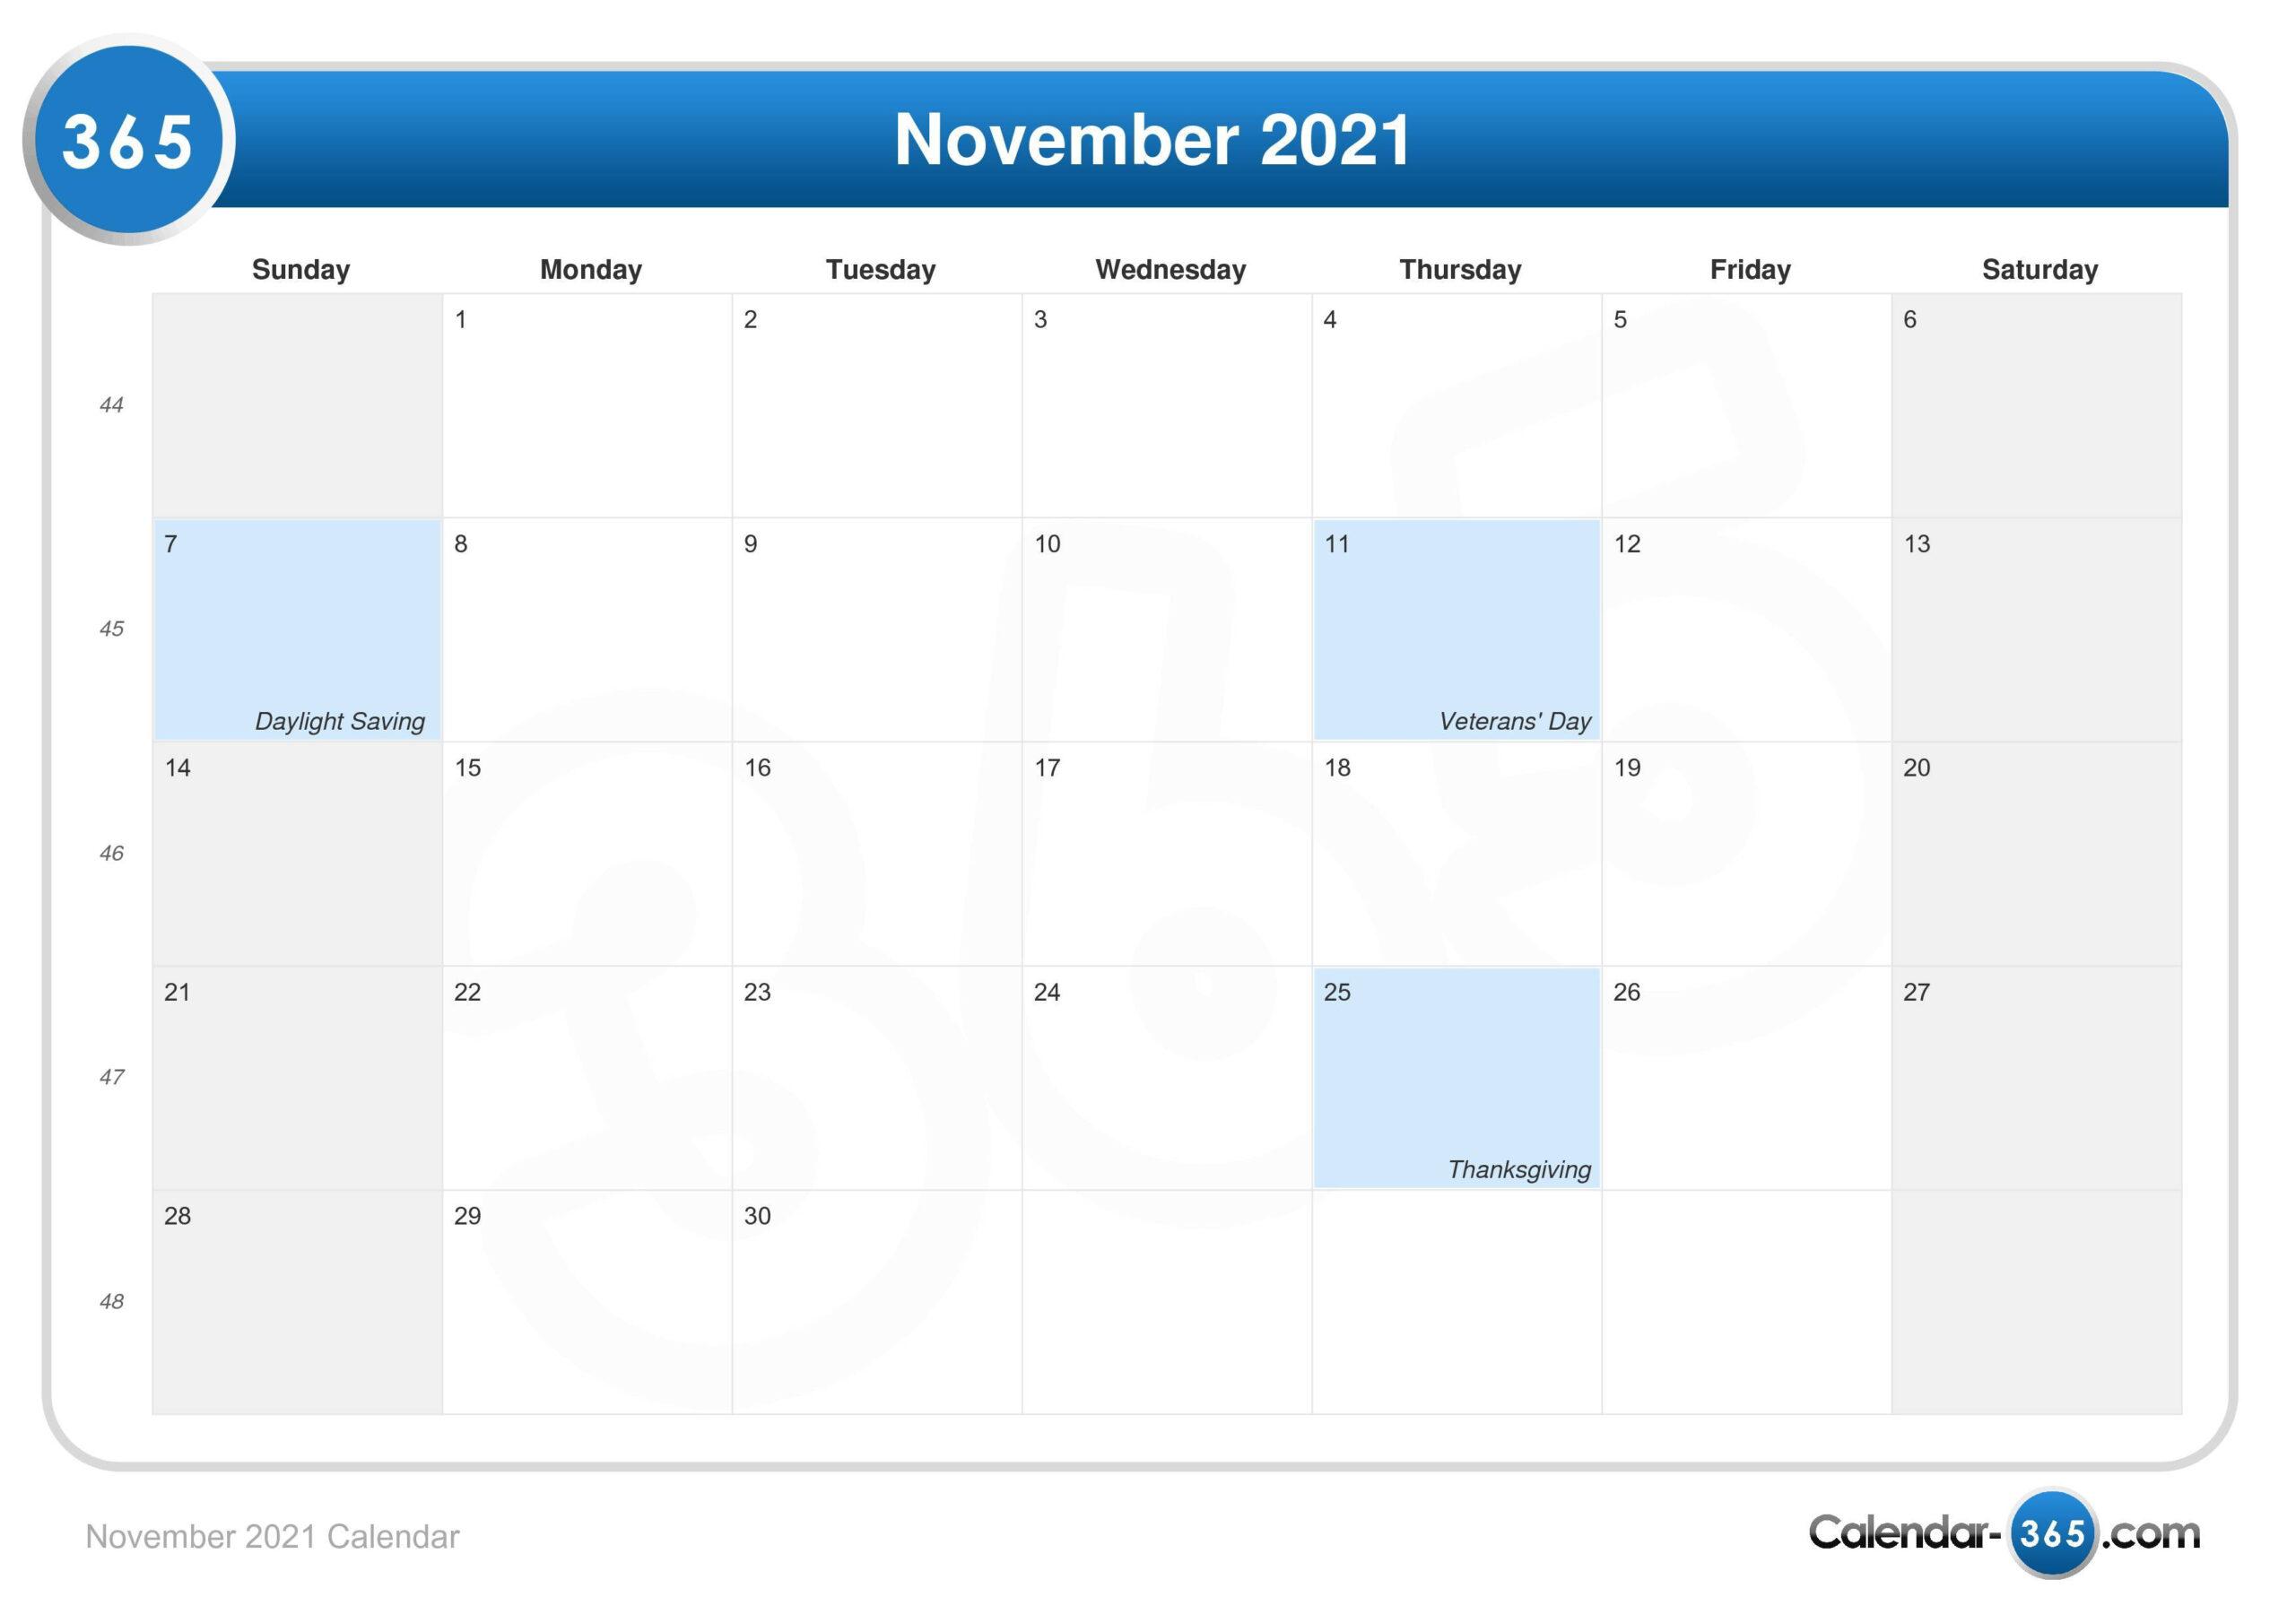 November 2021 Calendar intended for Calendar 2021 November Fill In